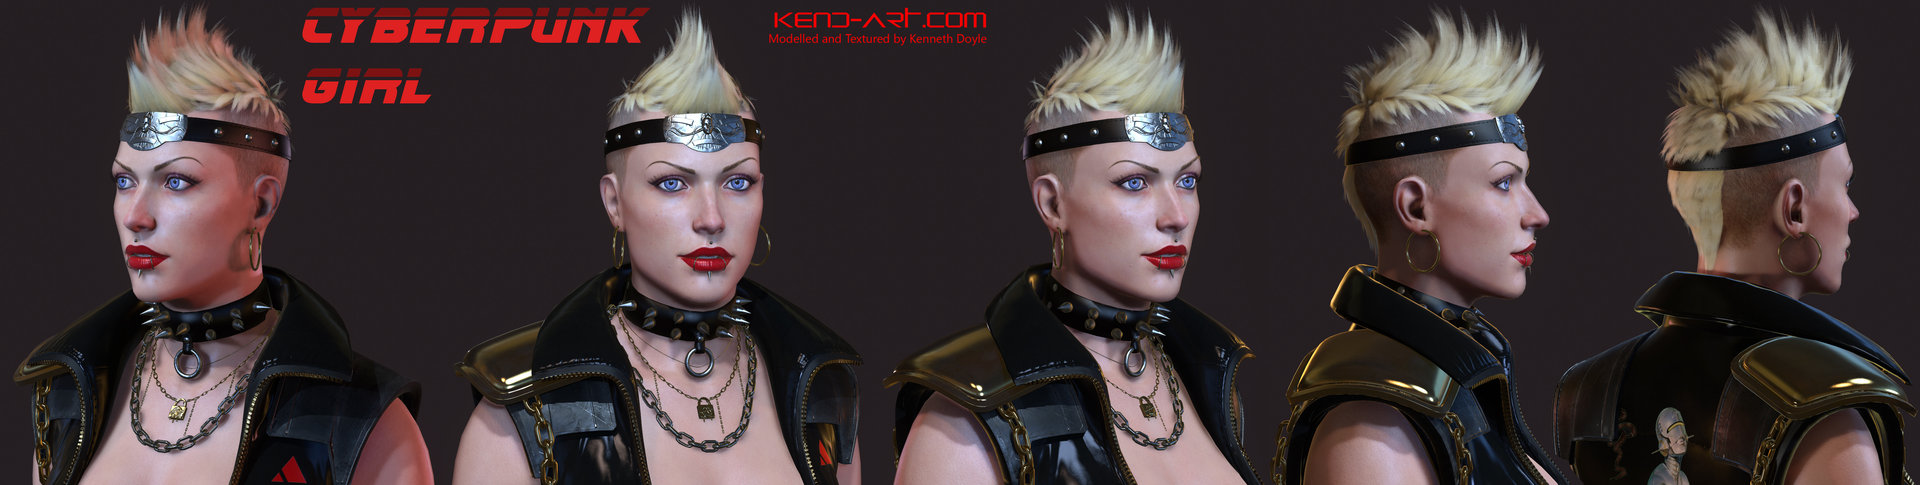 Kenneth doyle cyberpunk2x